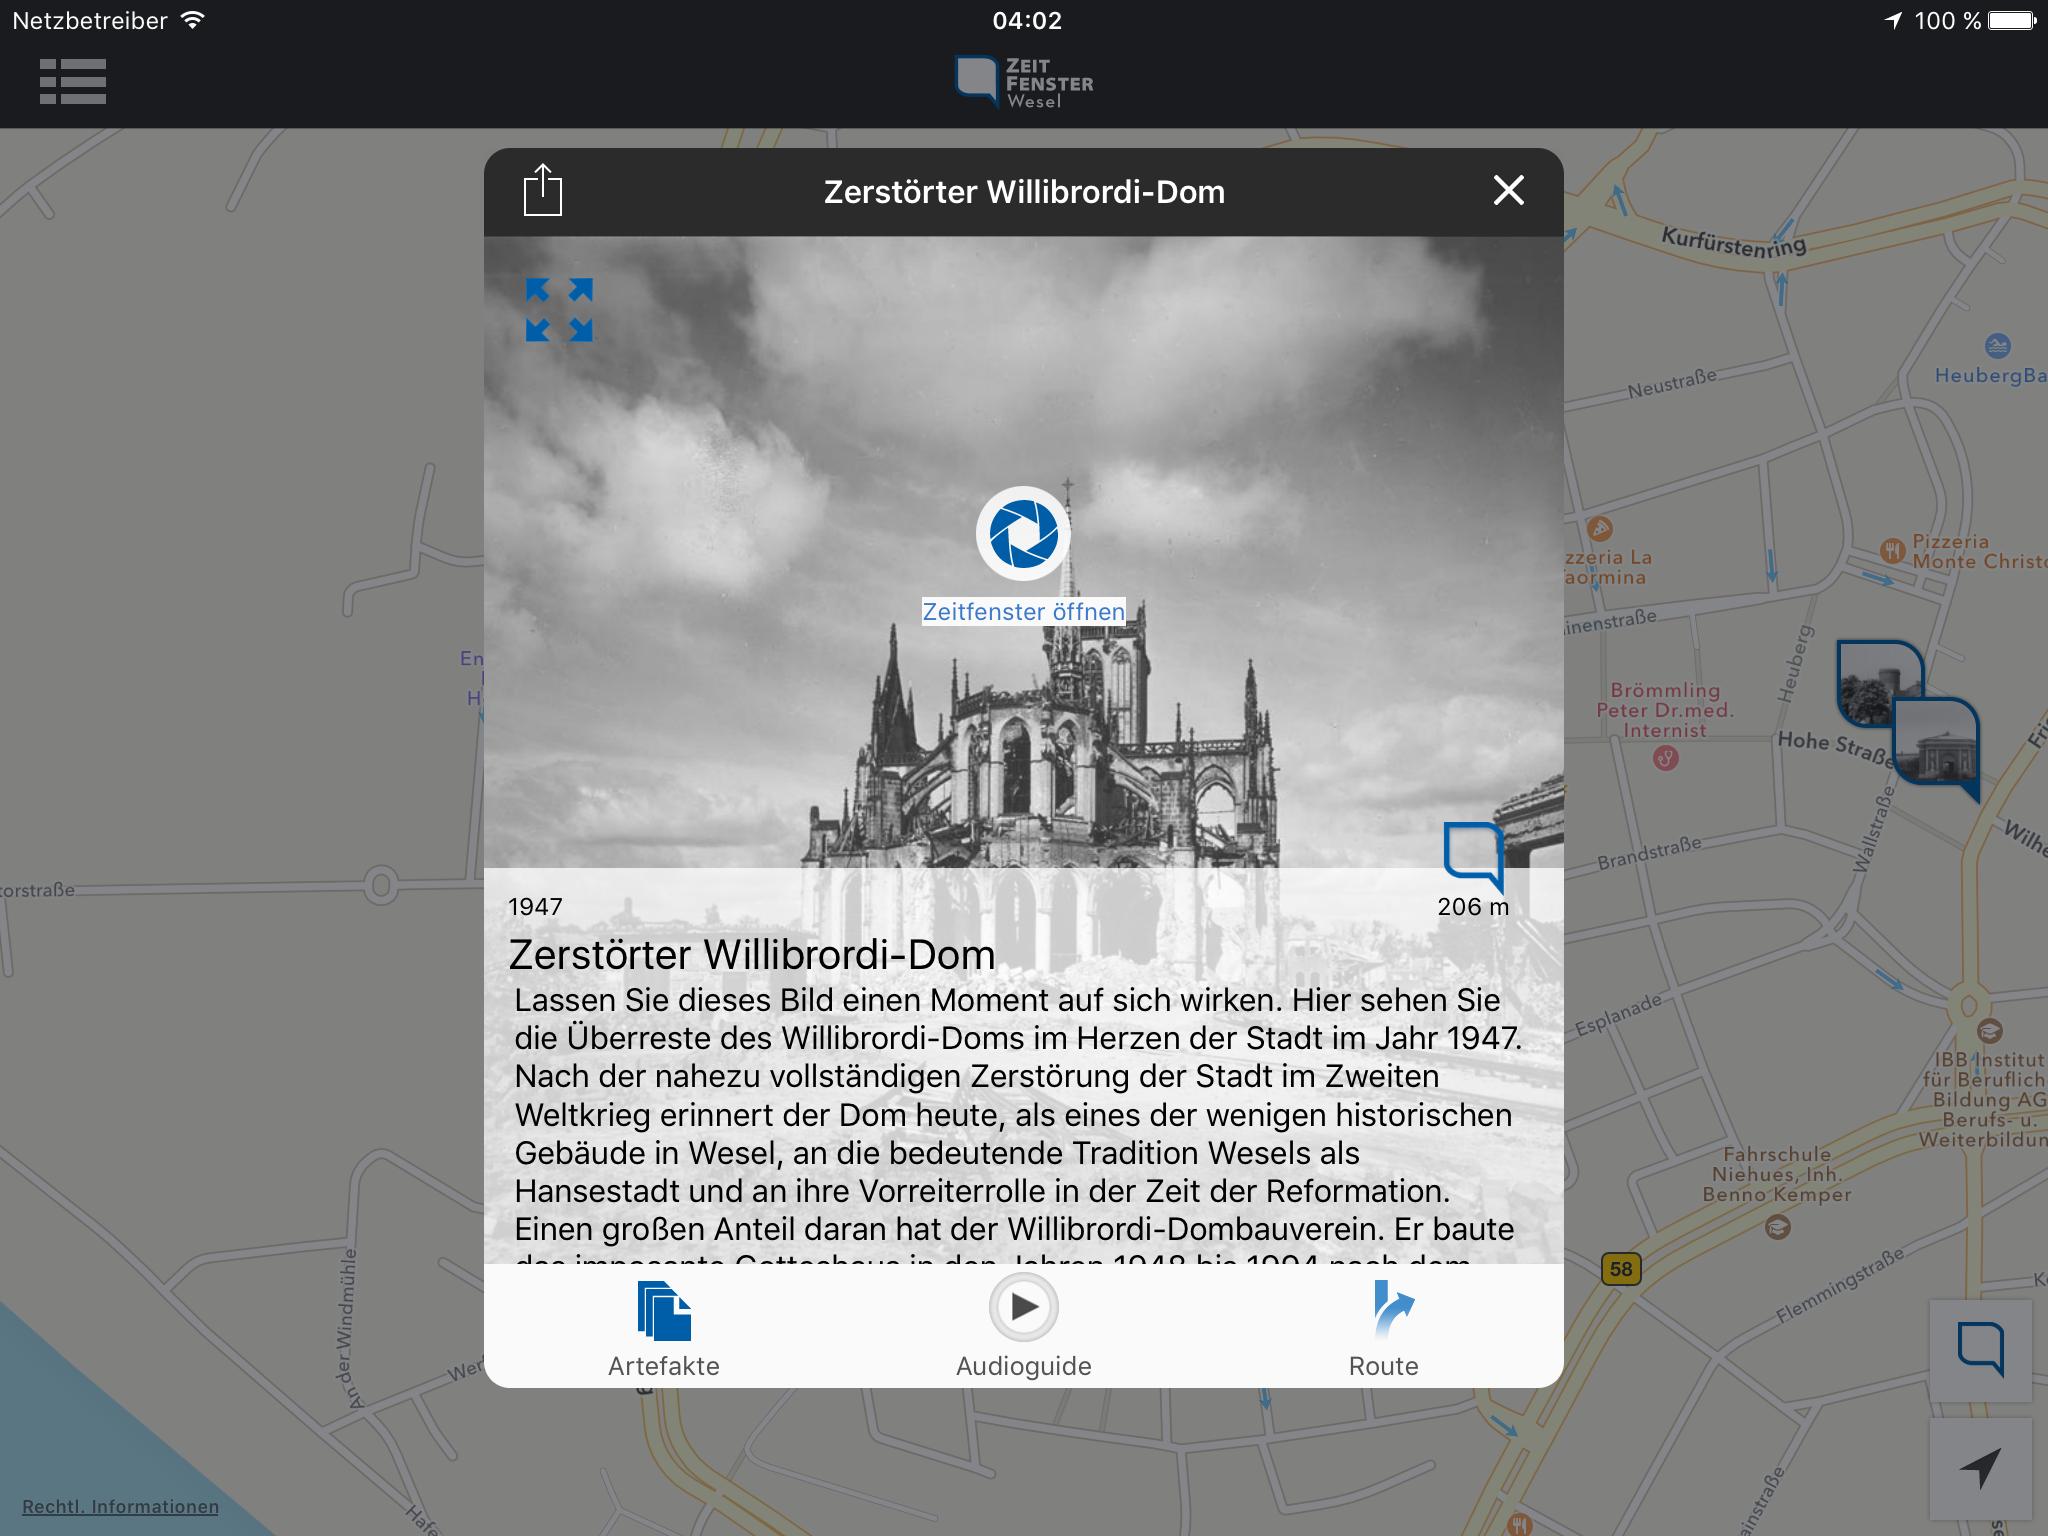 zeitfenster_wesel_app_willibrordi_dom